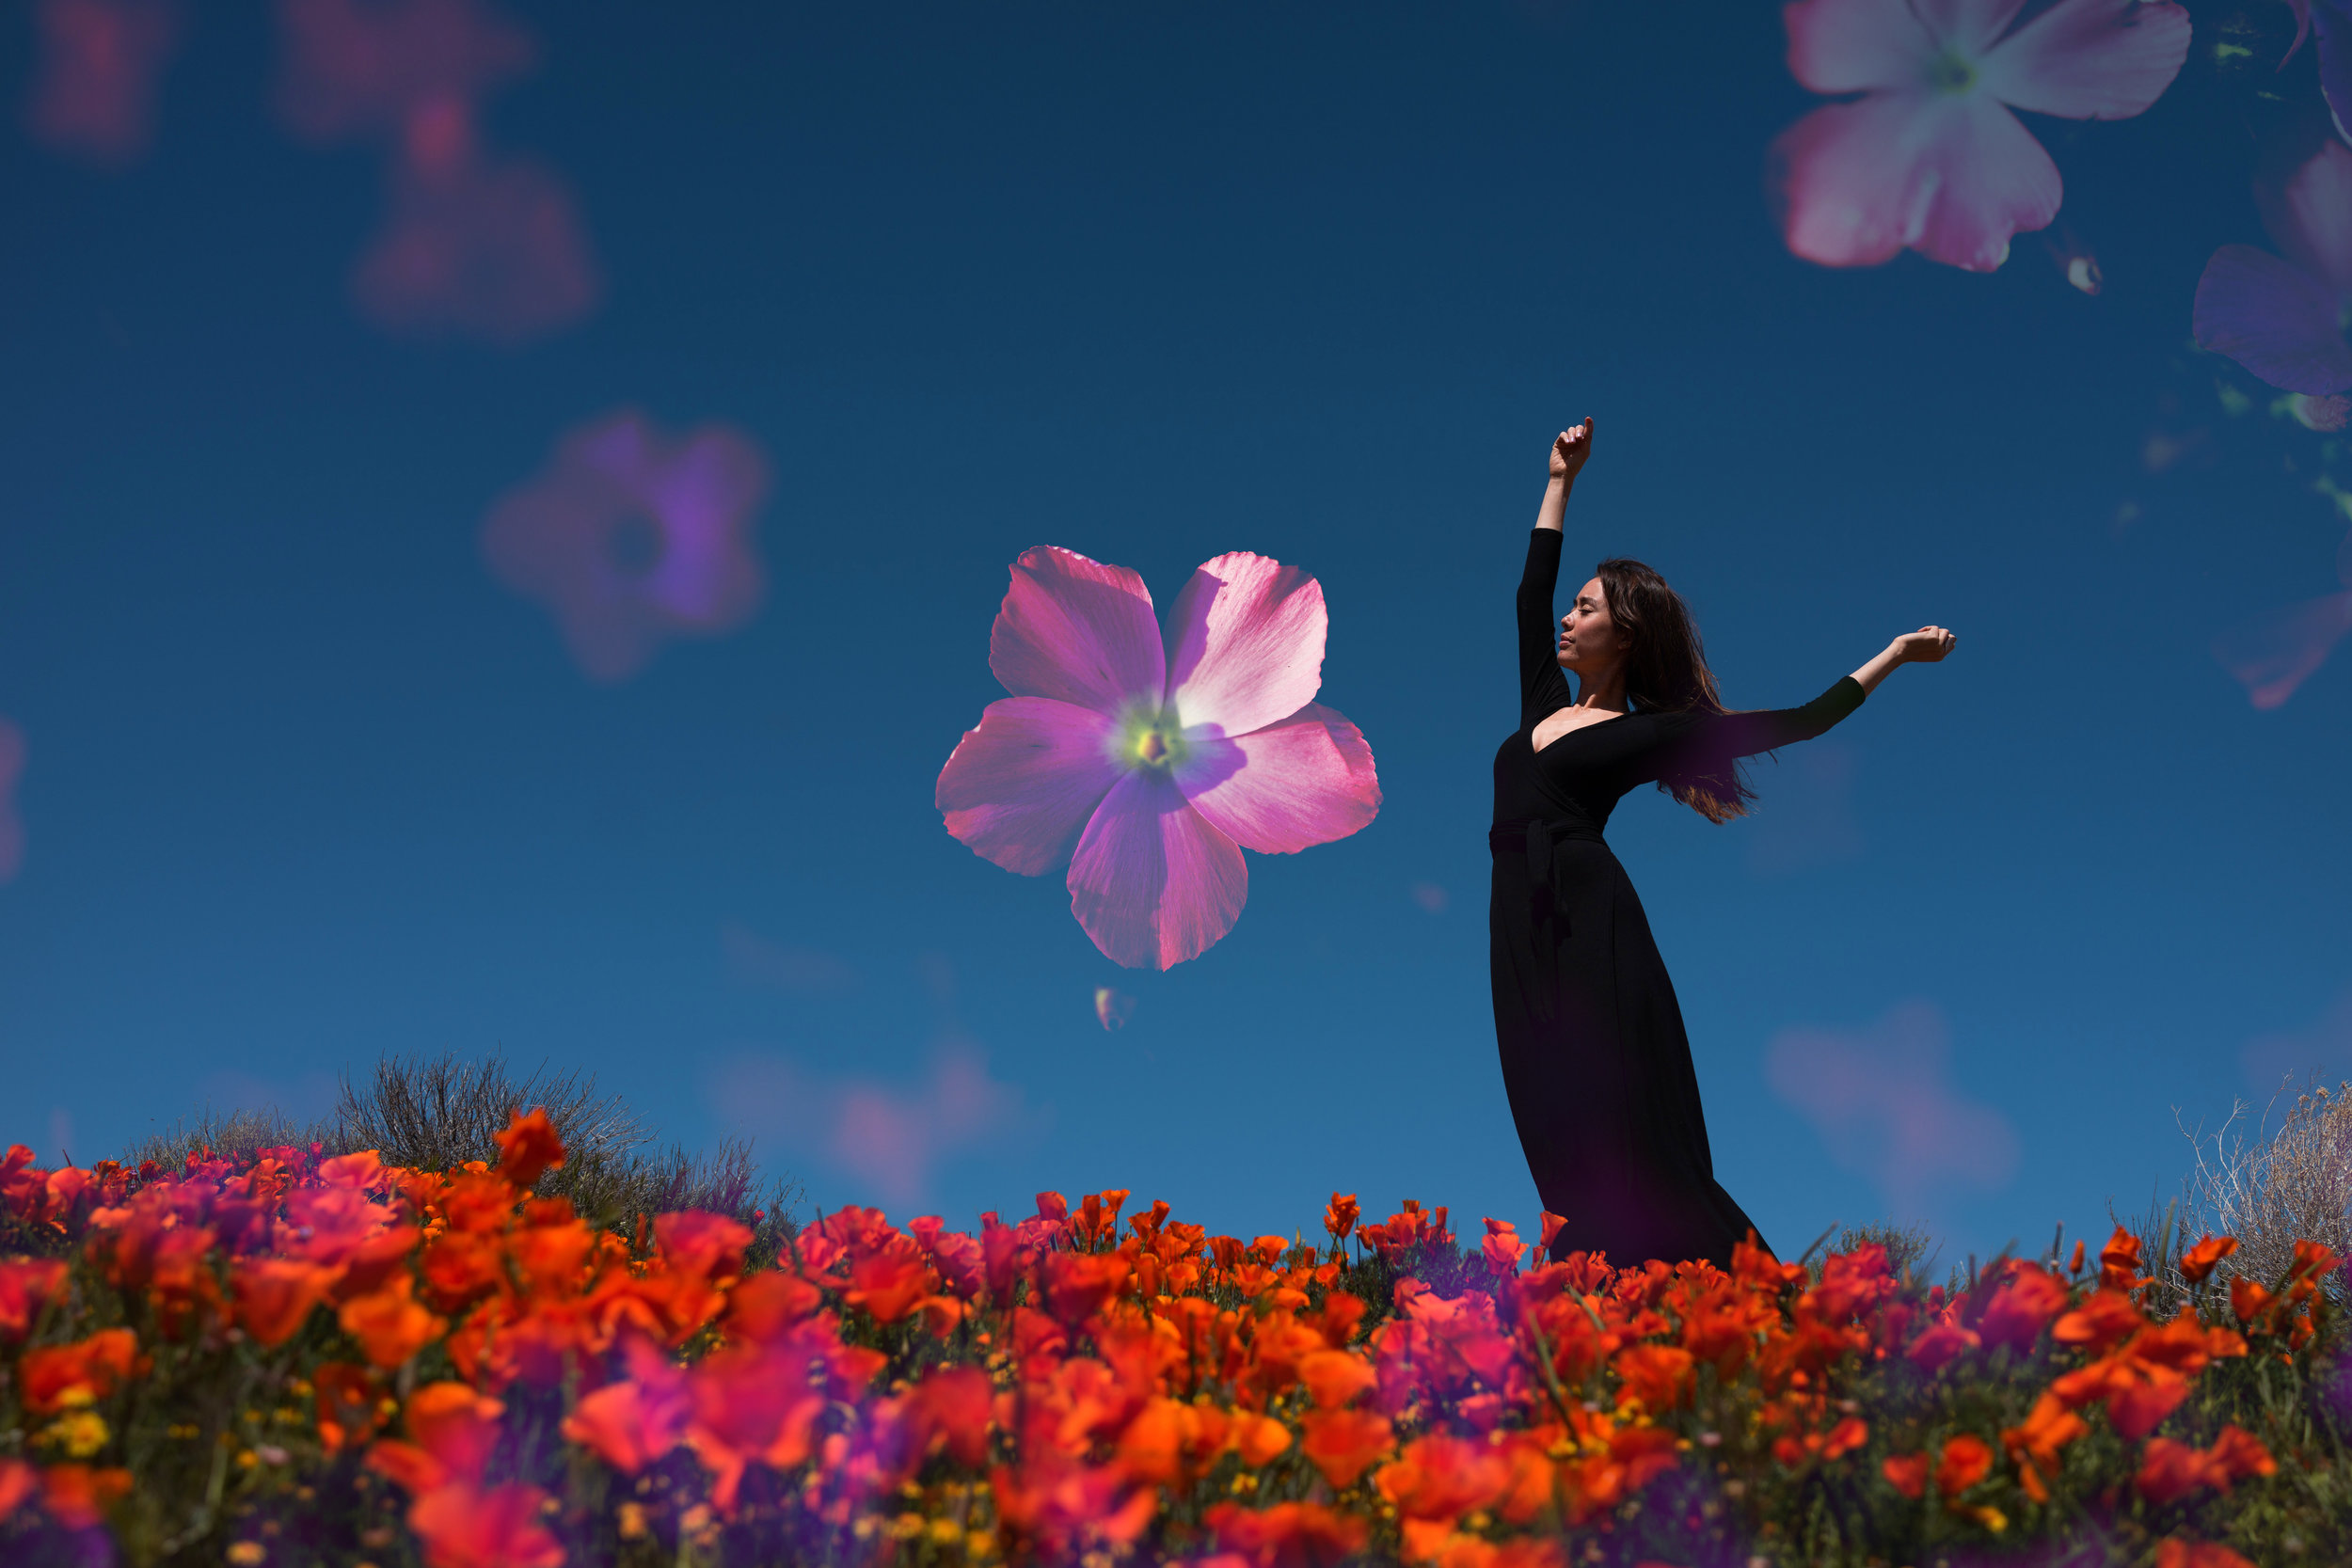 Kat flower DSC06629**.jpg